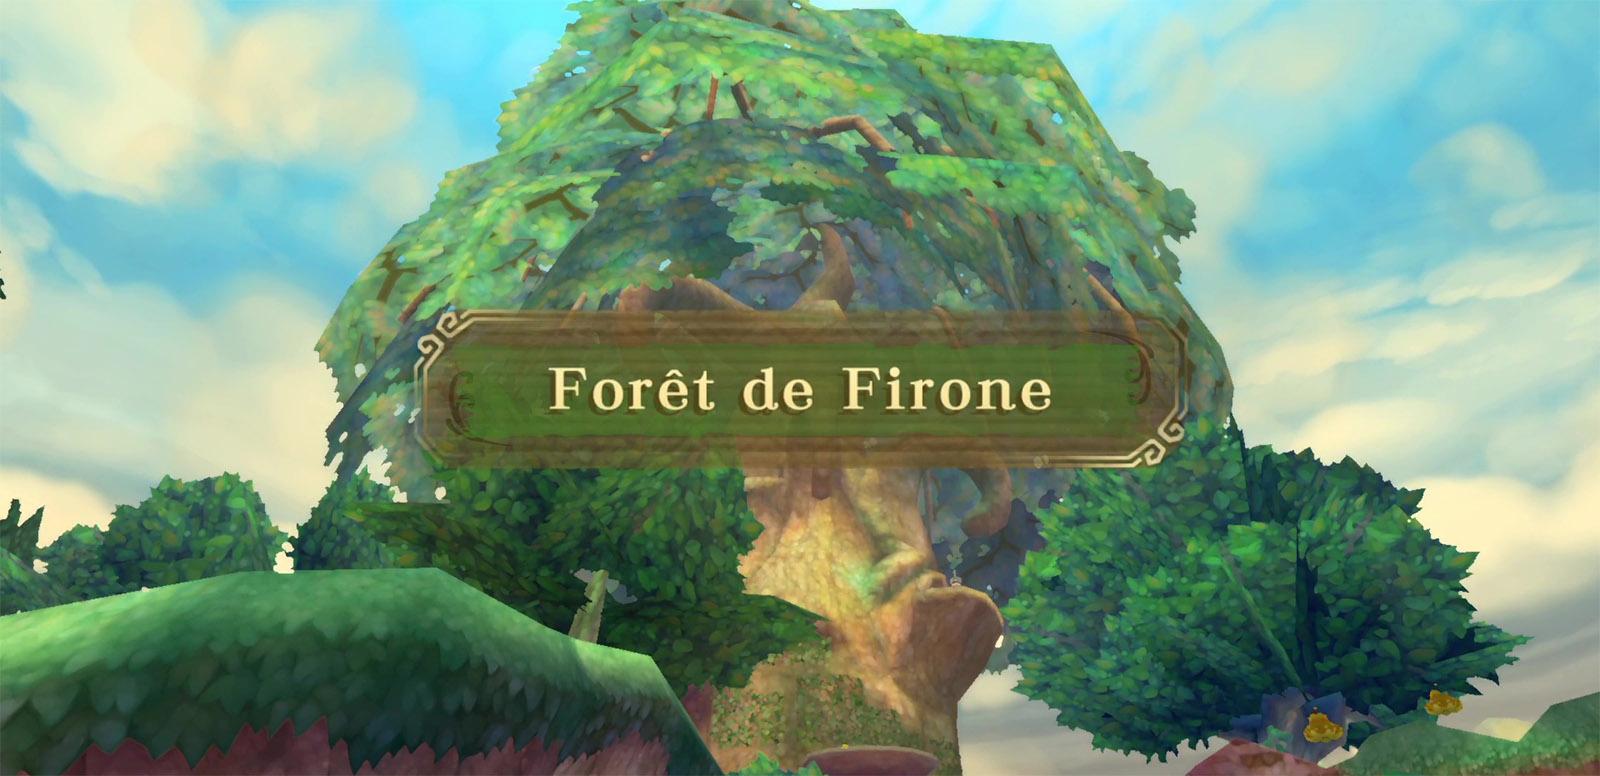 Soluce de la forêt de Firone dans The Legend of Zelda: Skyward Sword